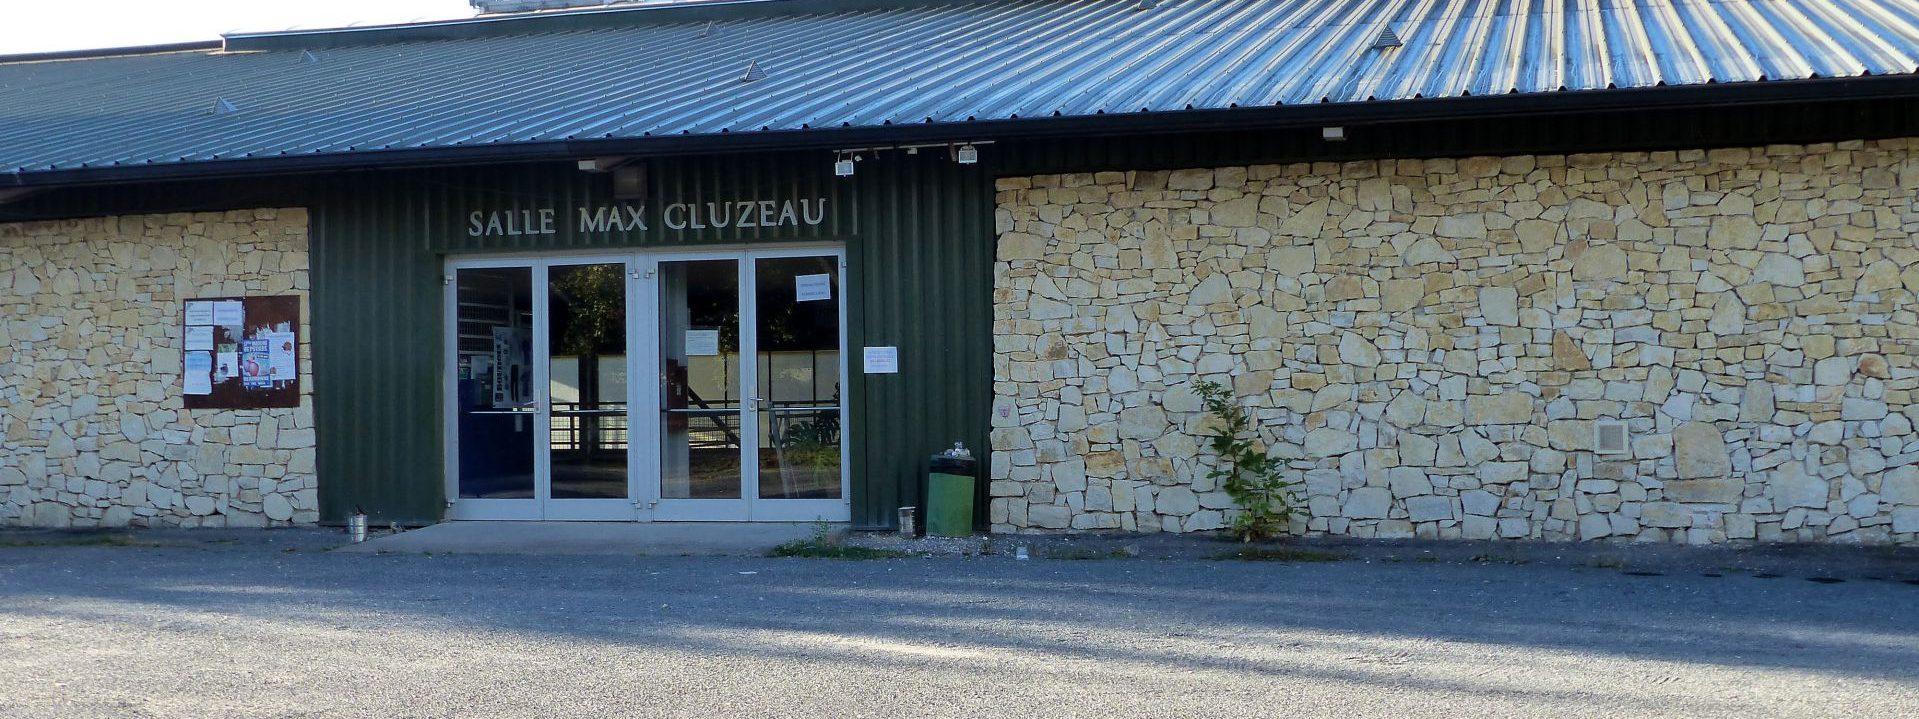 Salle Max Cluzeau